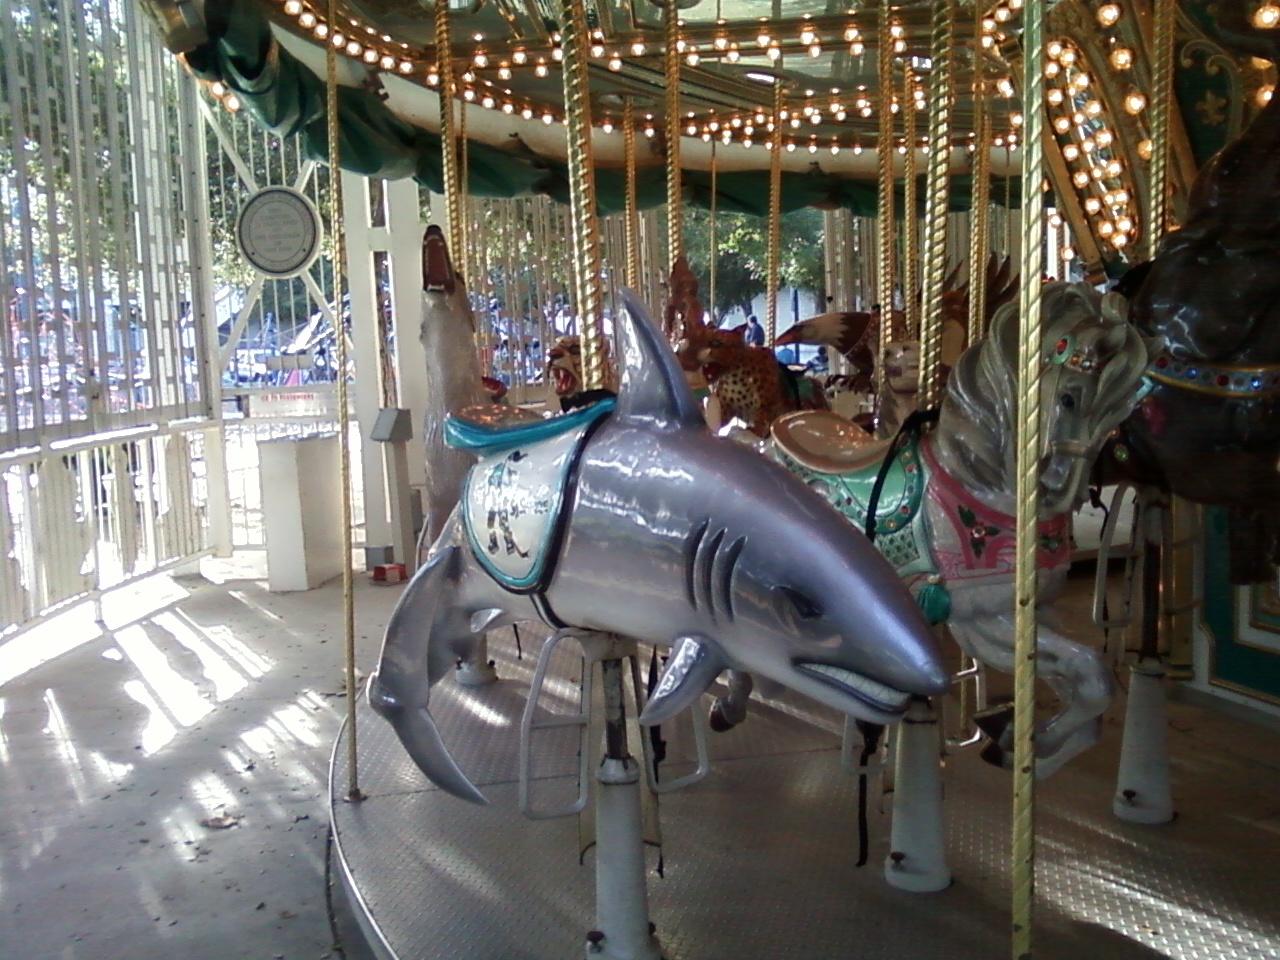 Random Refuge Sj Carousel Arena Green